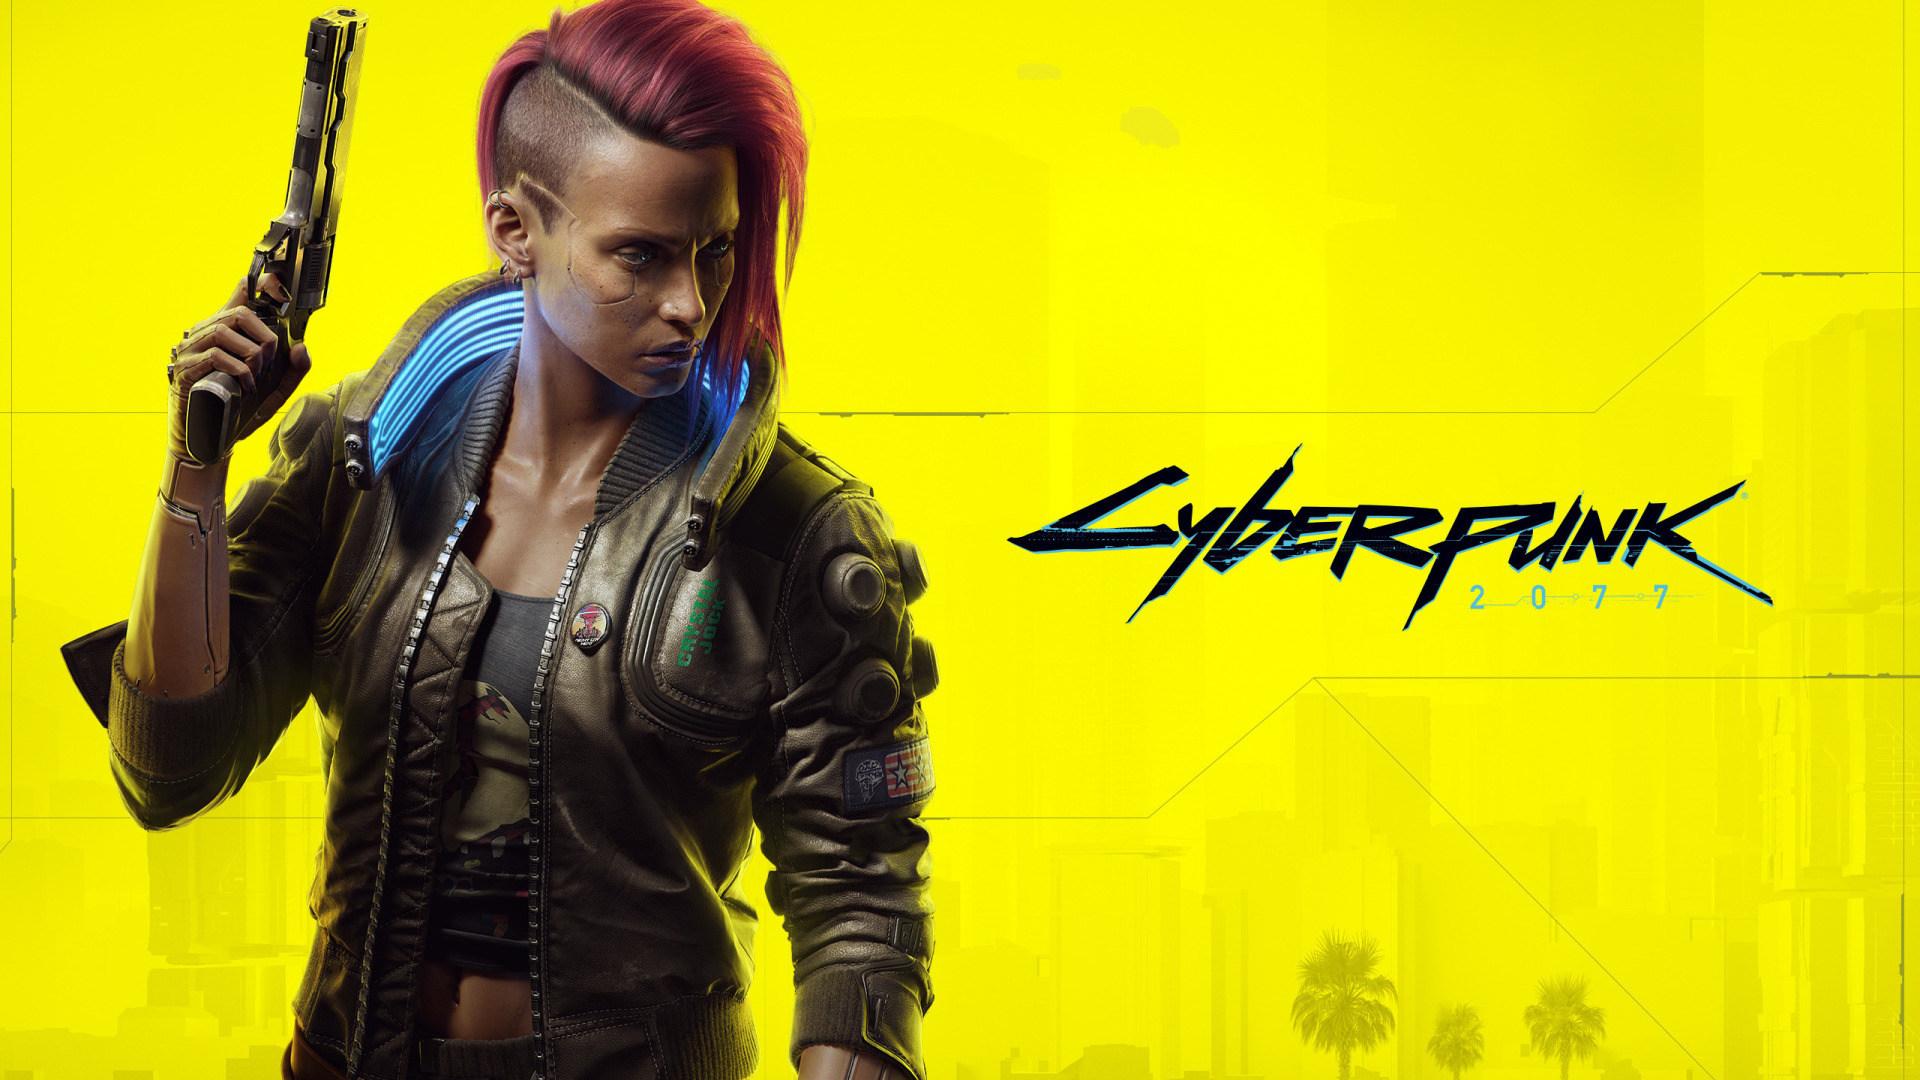 CD Projekt RED, Cyberpunk 2077, CD Projekt, Cyberpunk